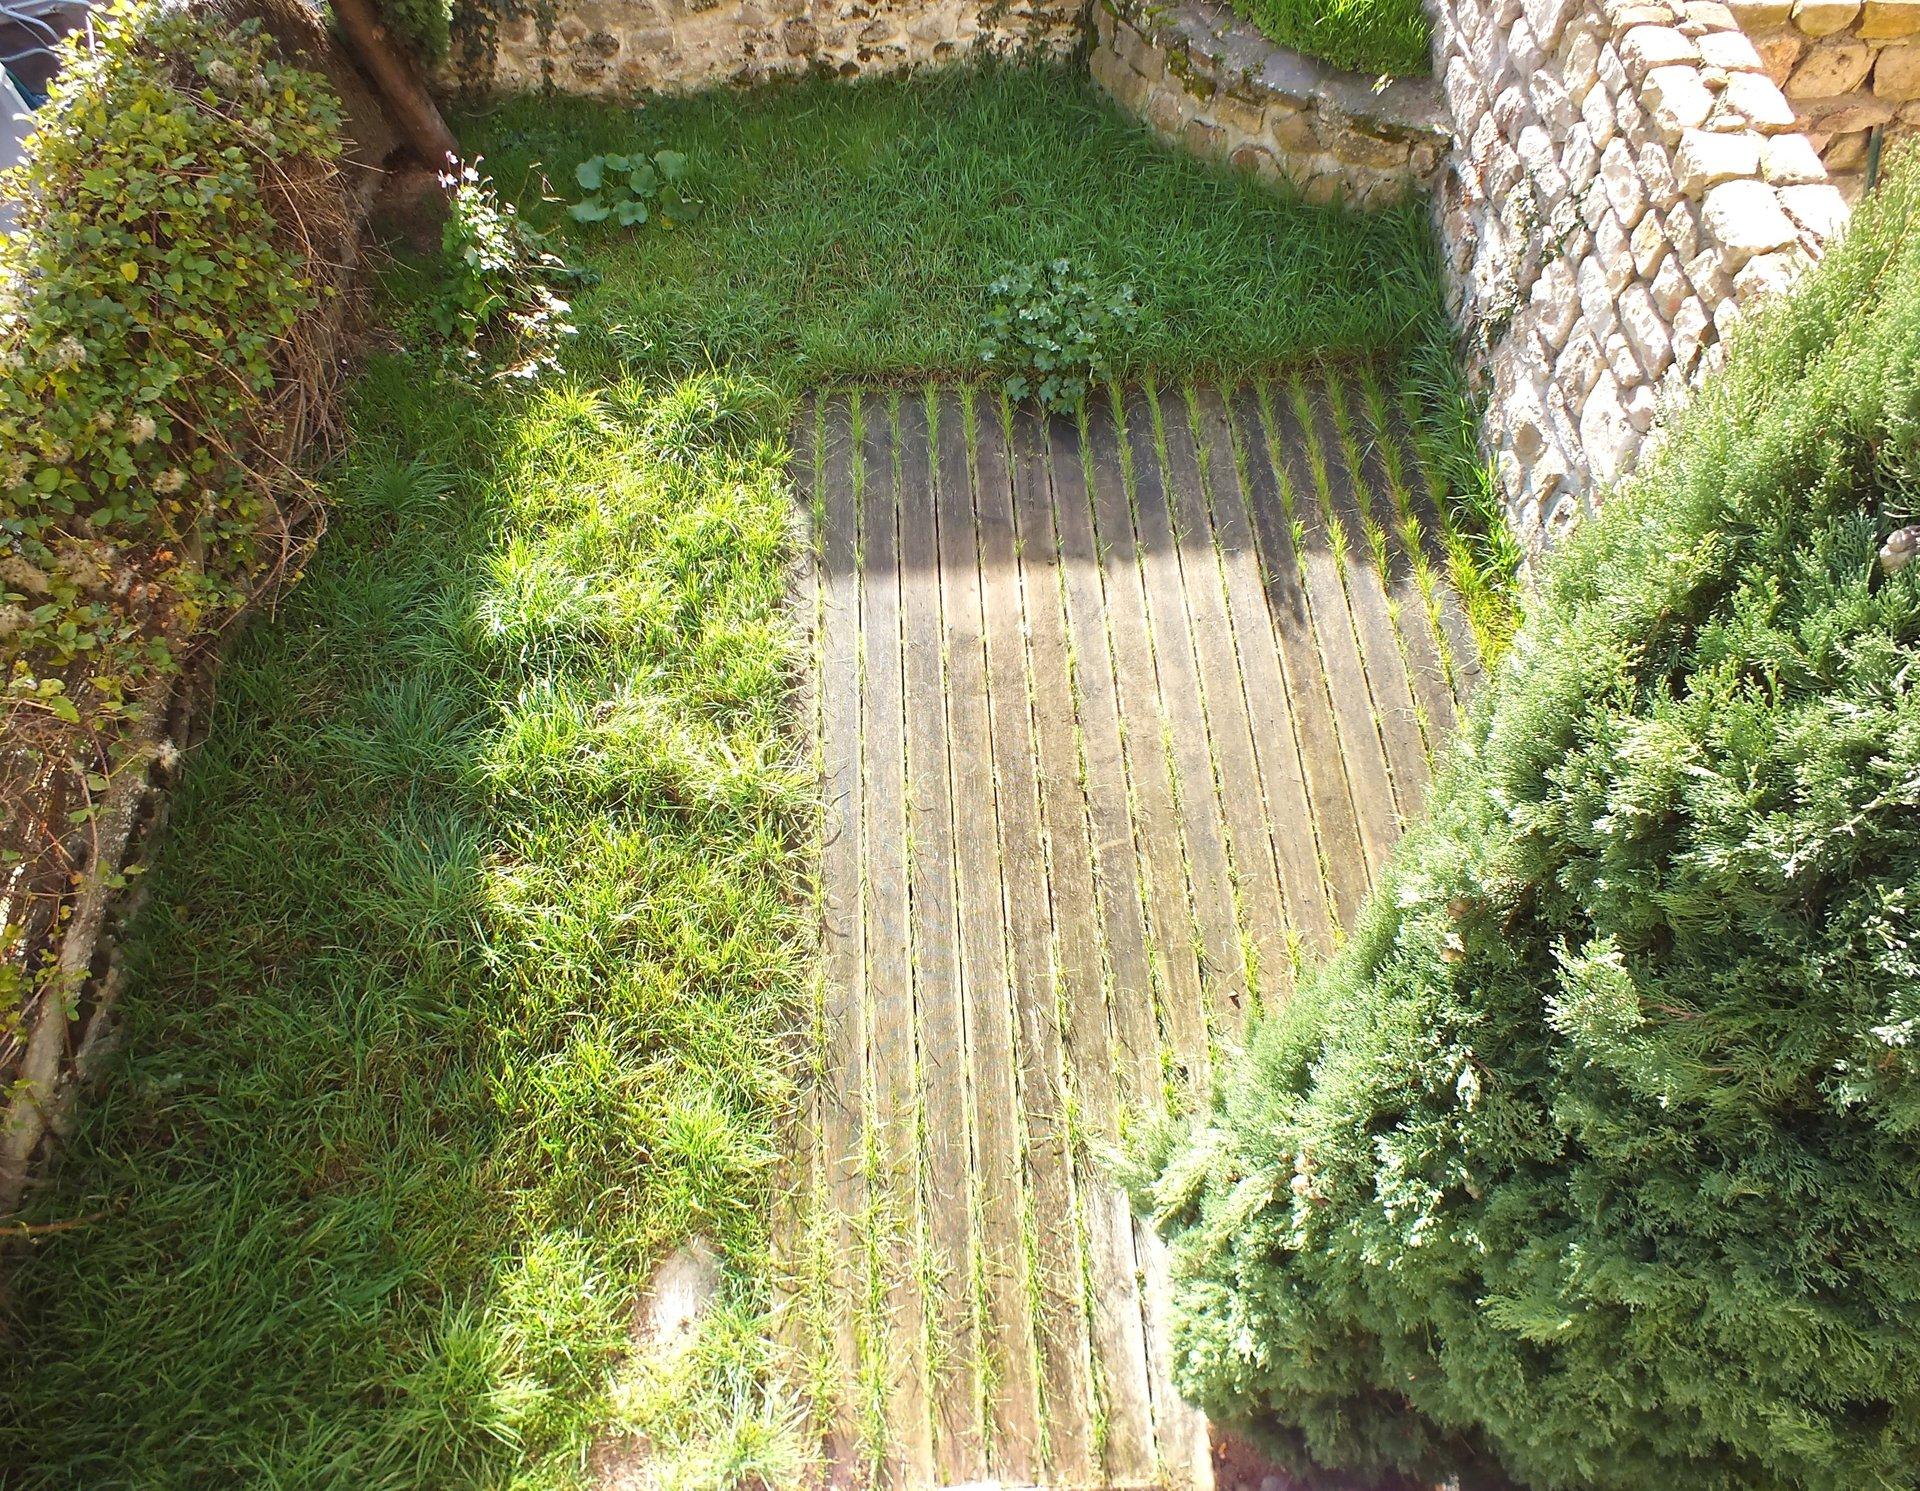 Maison village jardin